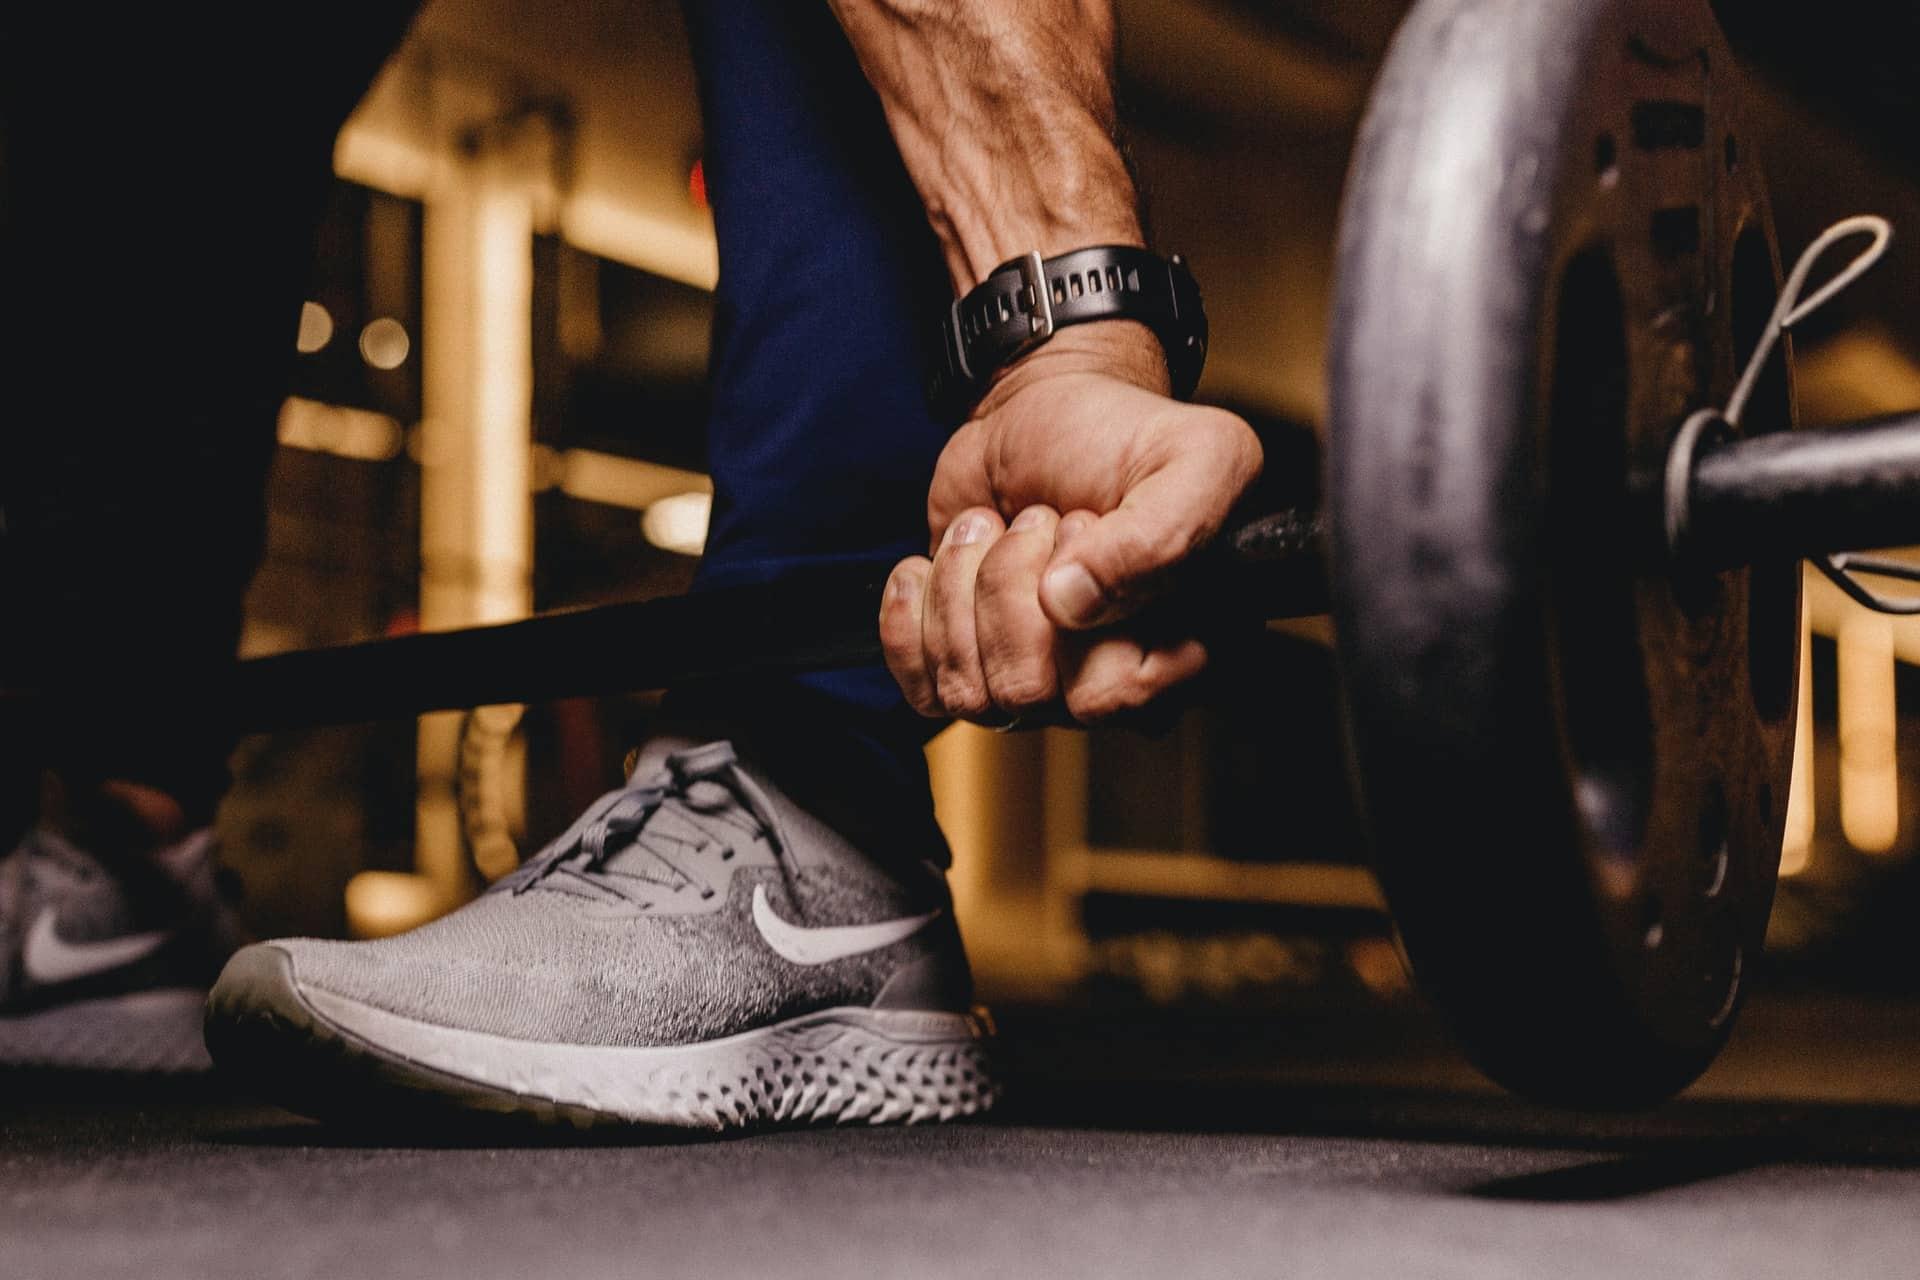 Motivational Exercise Technology Header Image